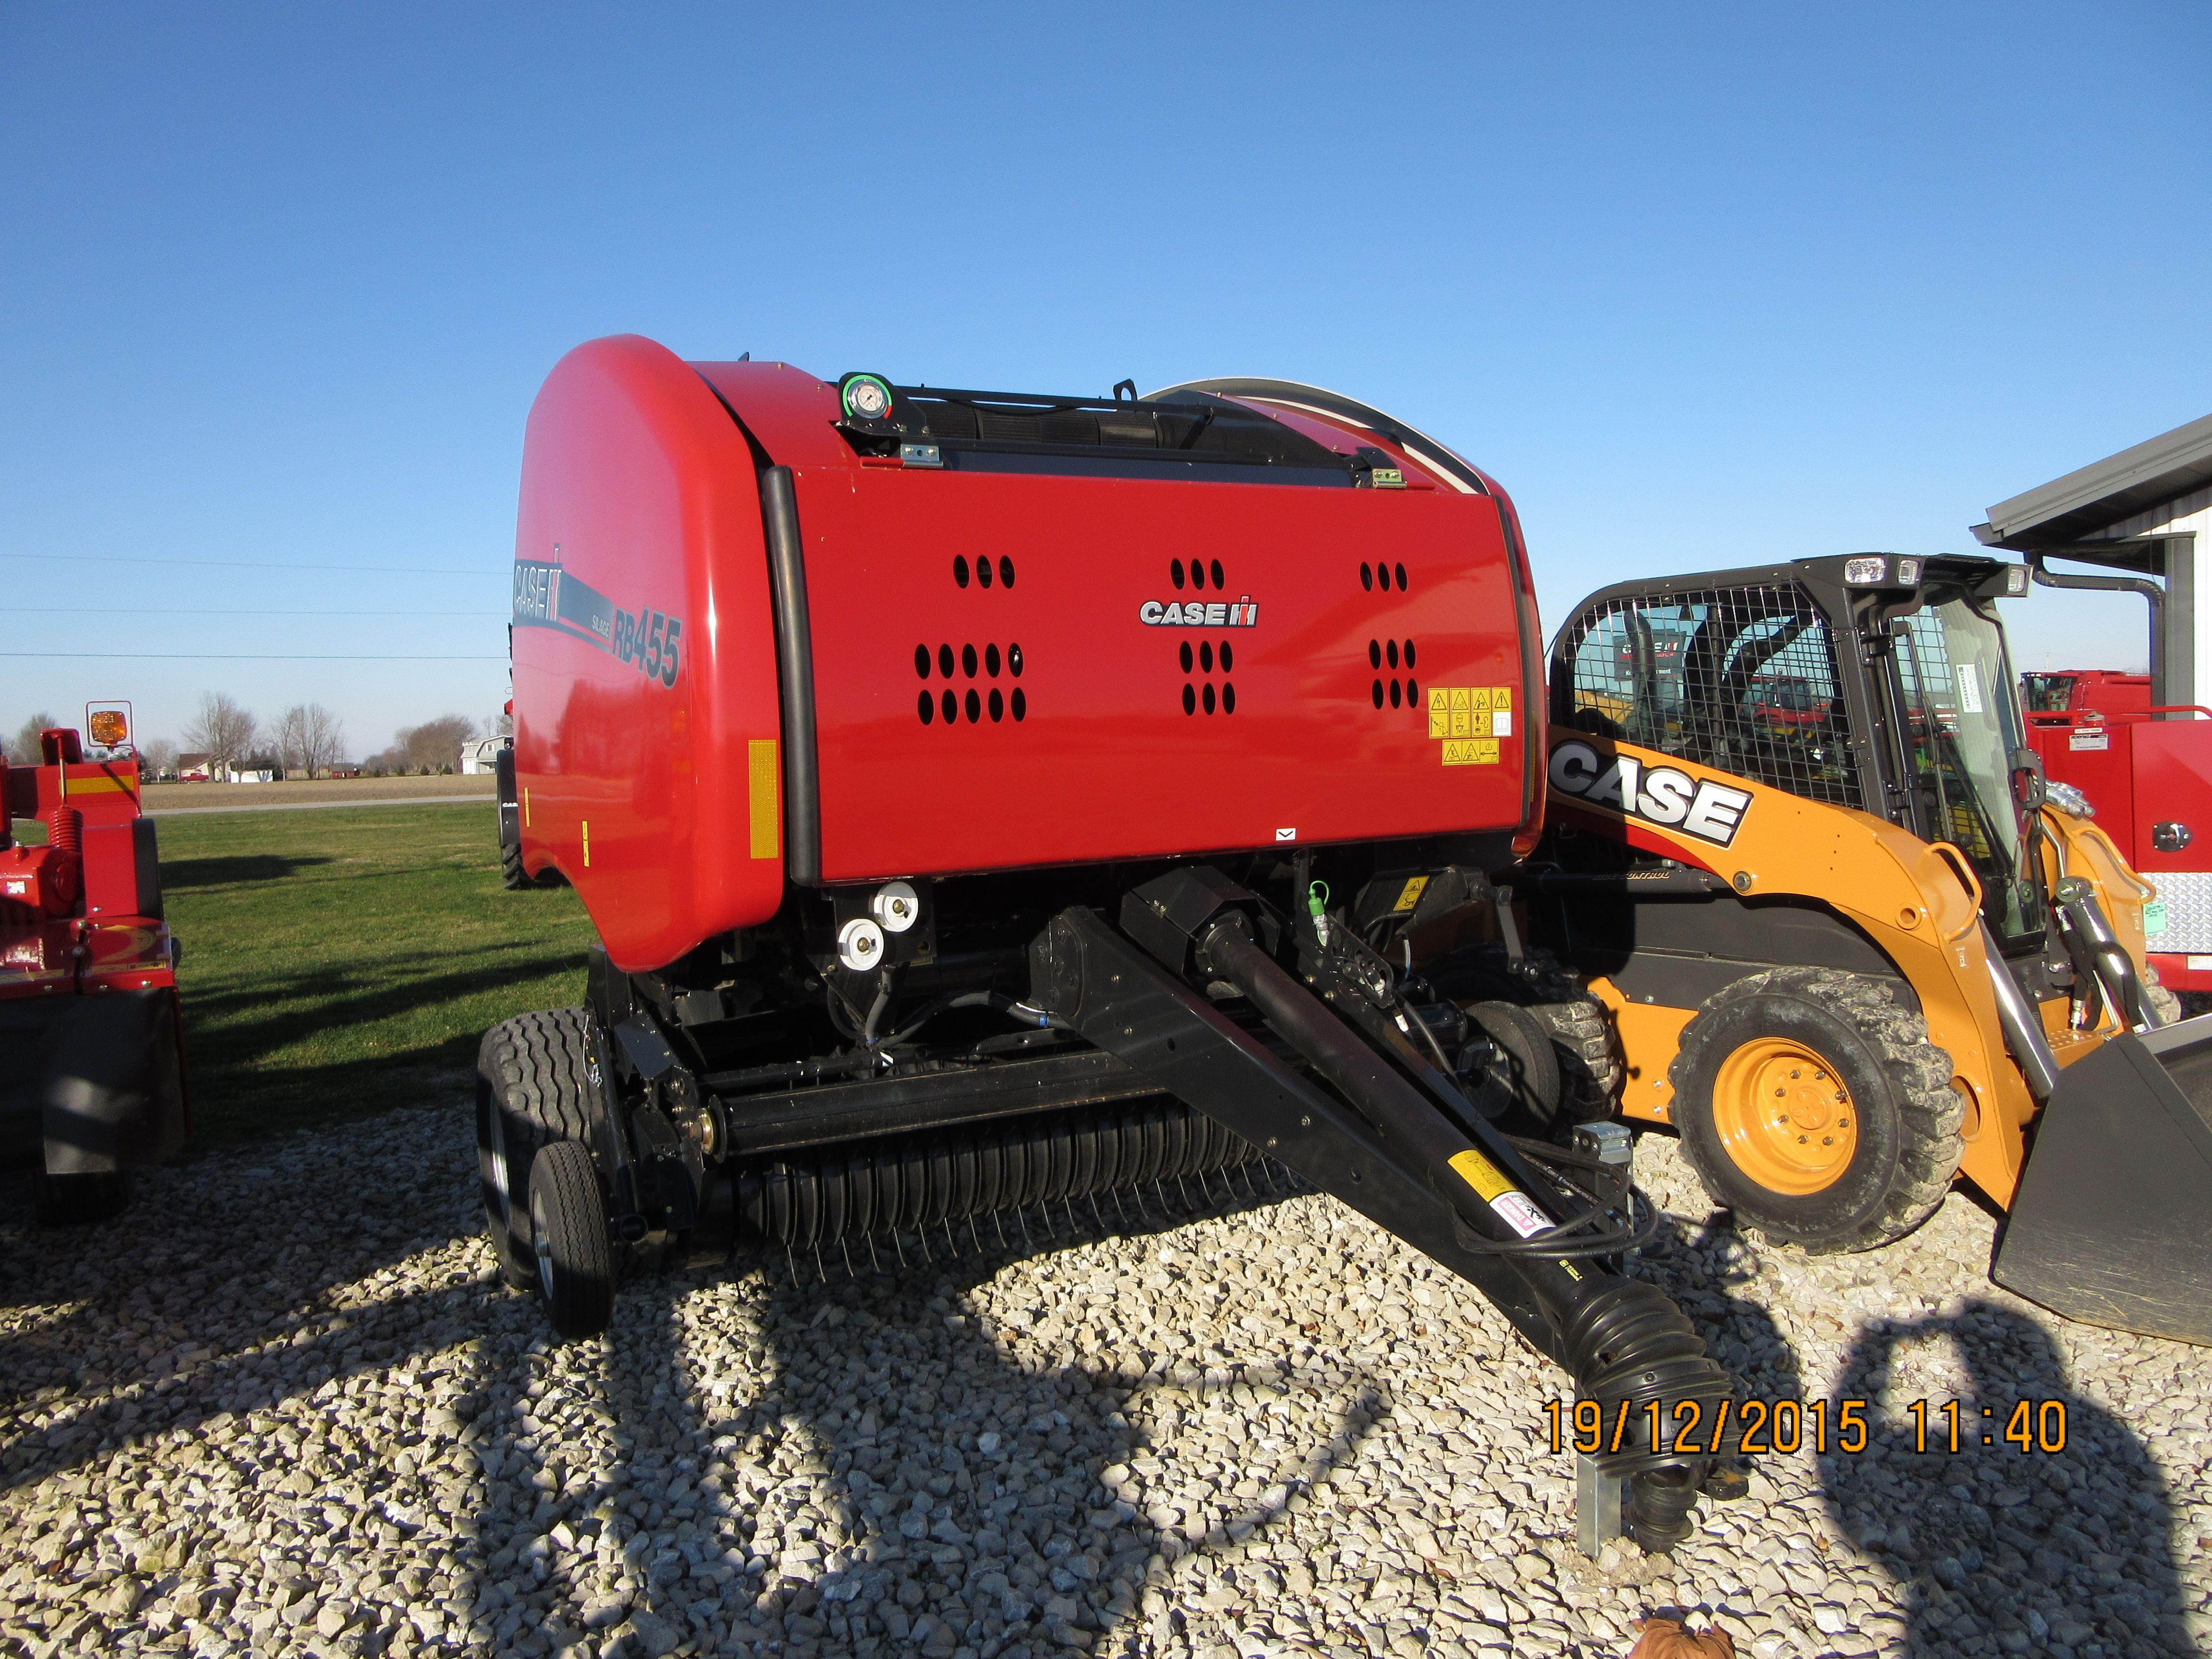 CaseiH RB455 round baler   CaseIH equipment   Tractors, Outdoor